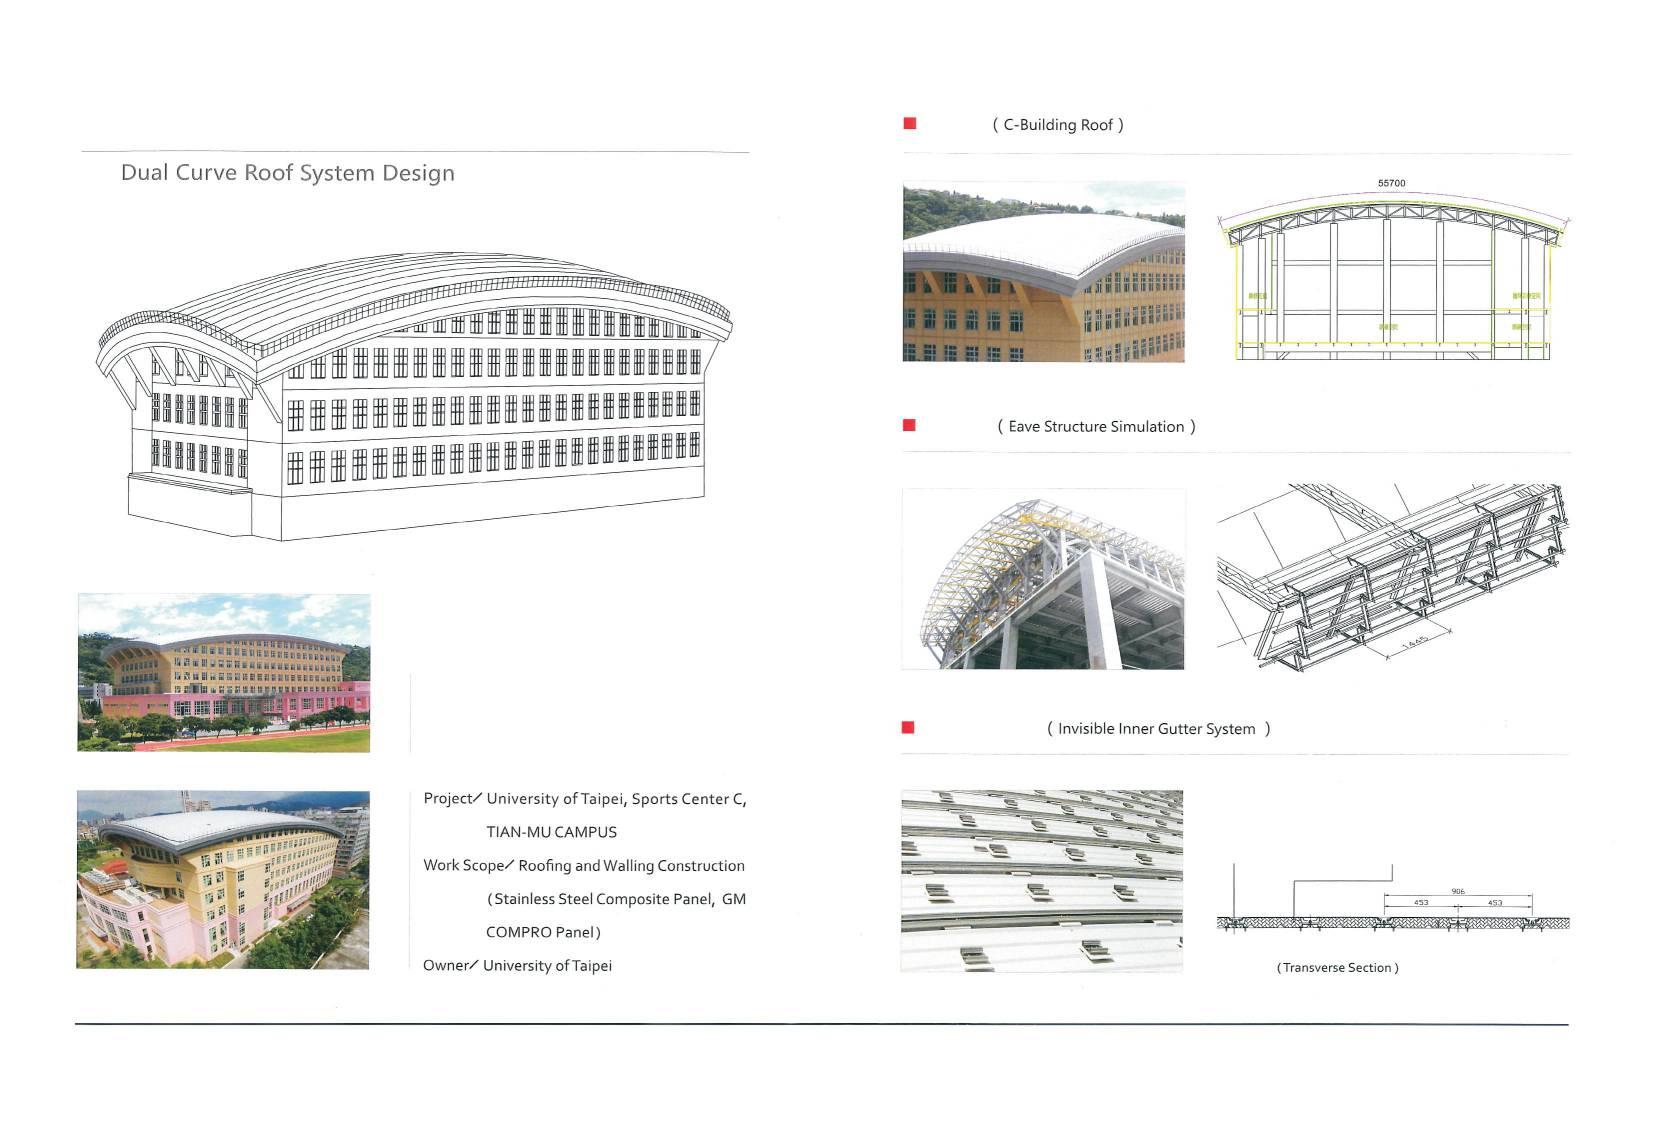 双曲屋面系统设计